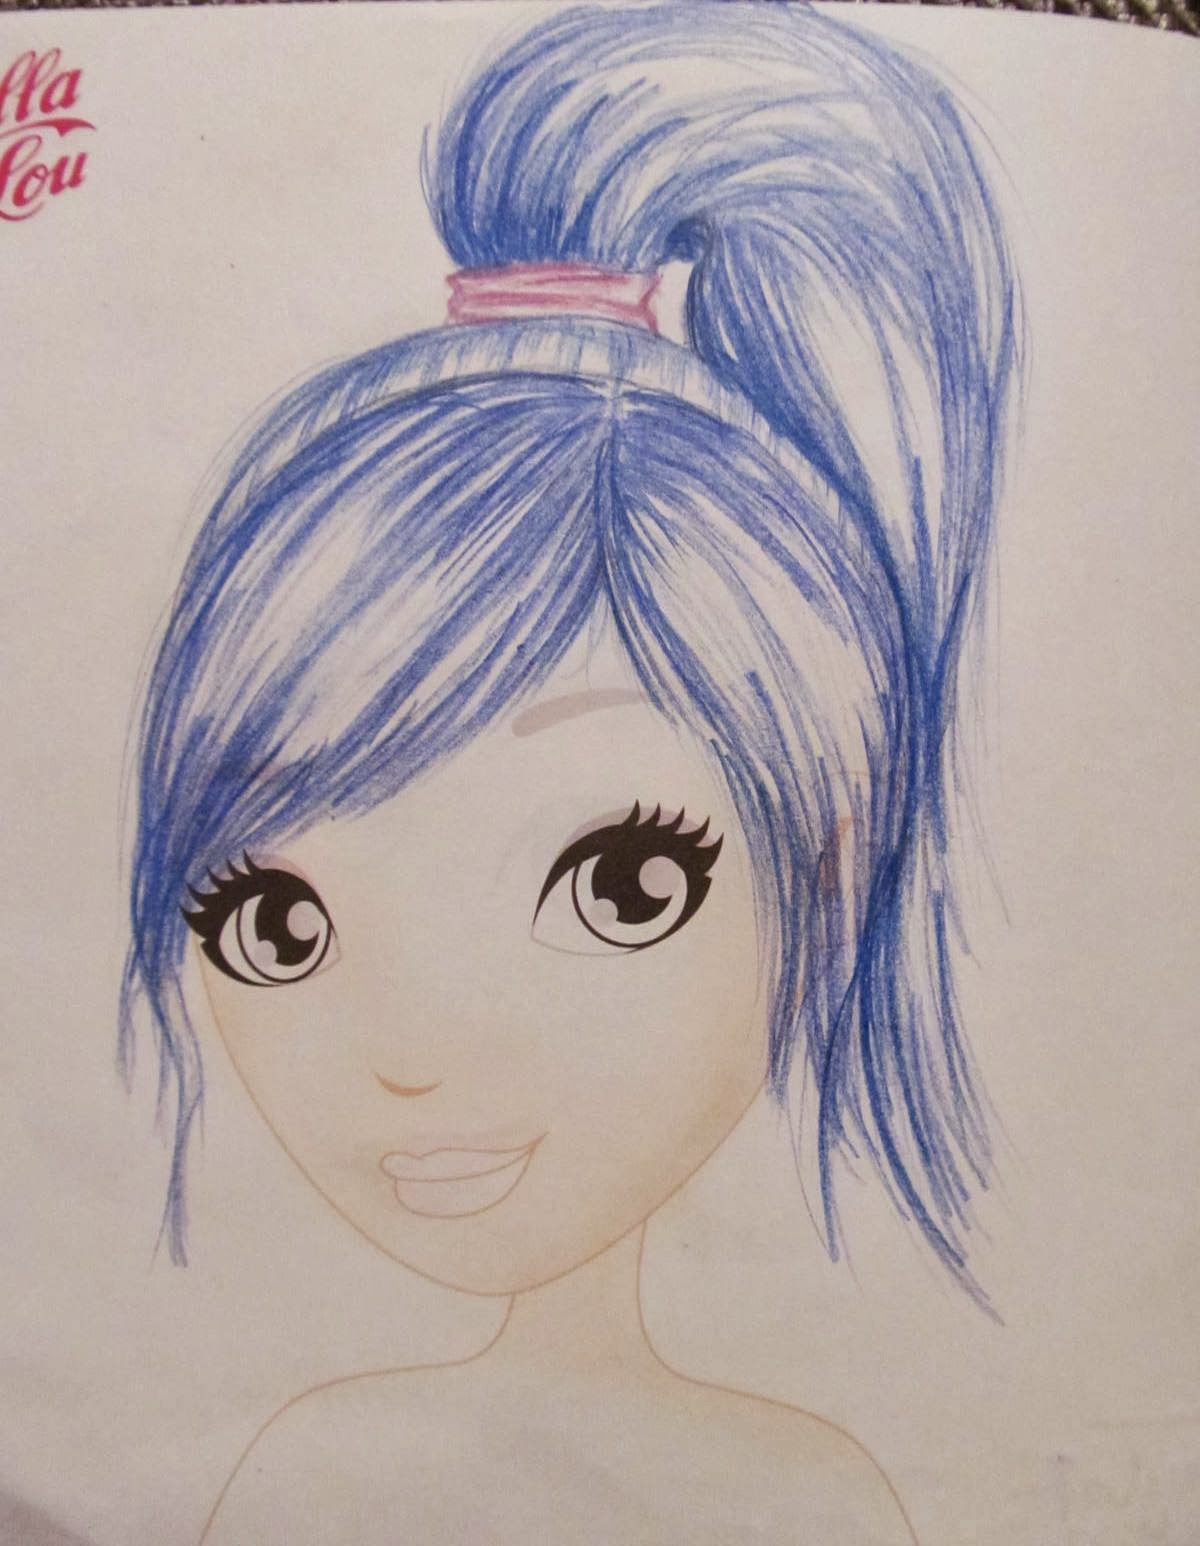 Lilla Lou Bloguje Jak Rysować Włosy Taylor